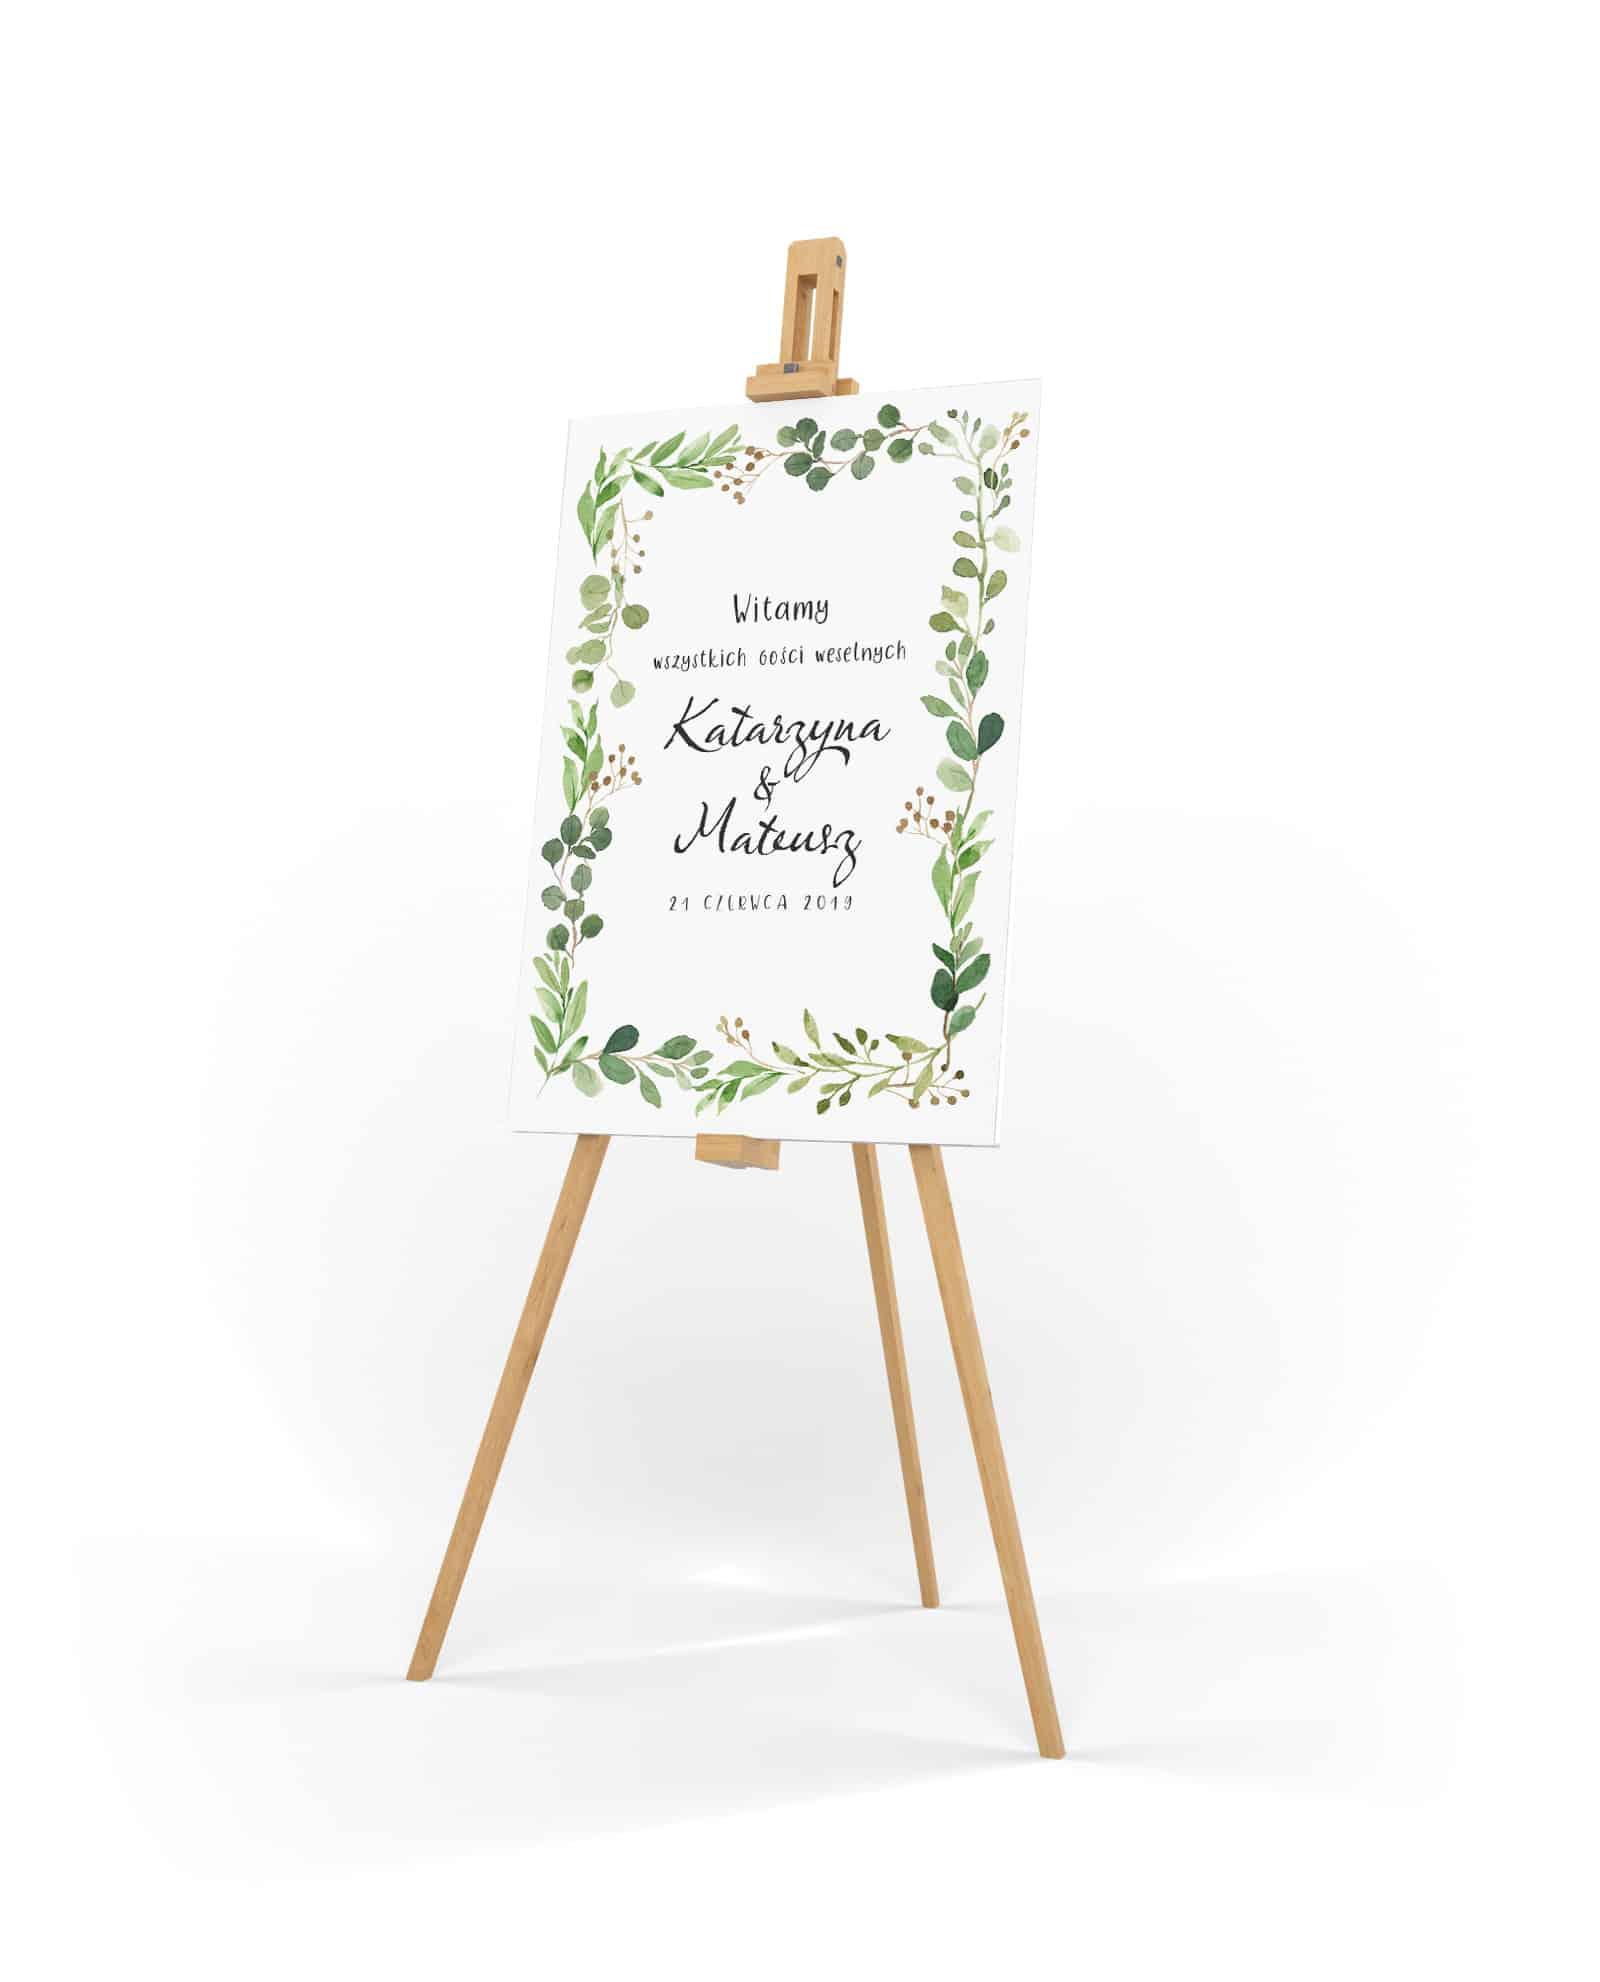 Tabica powitalna na wesele z zielonymi listkami dookoła imion